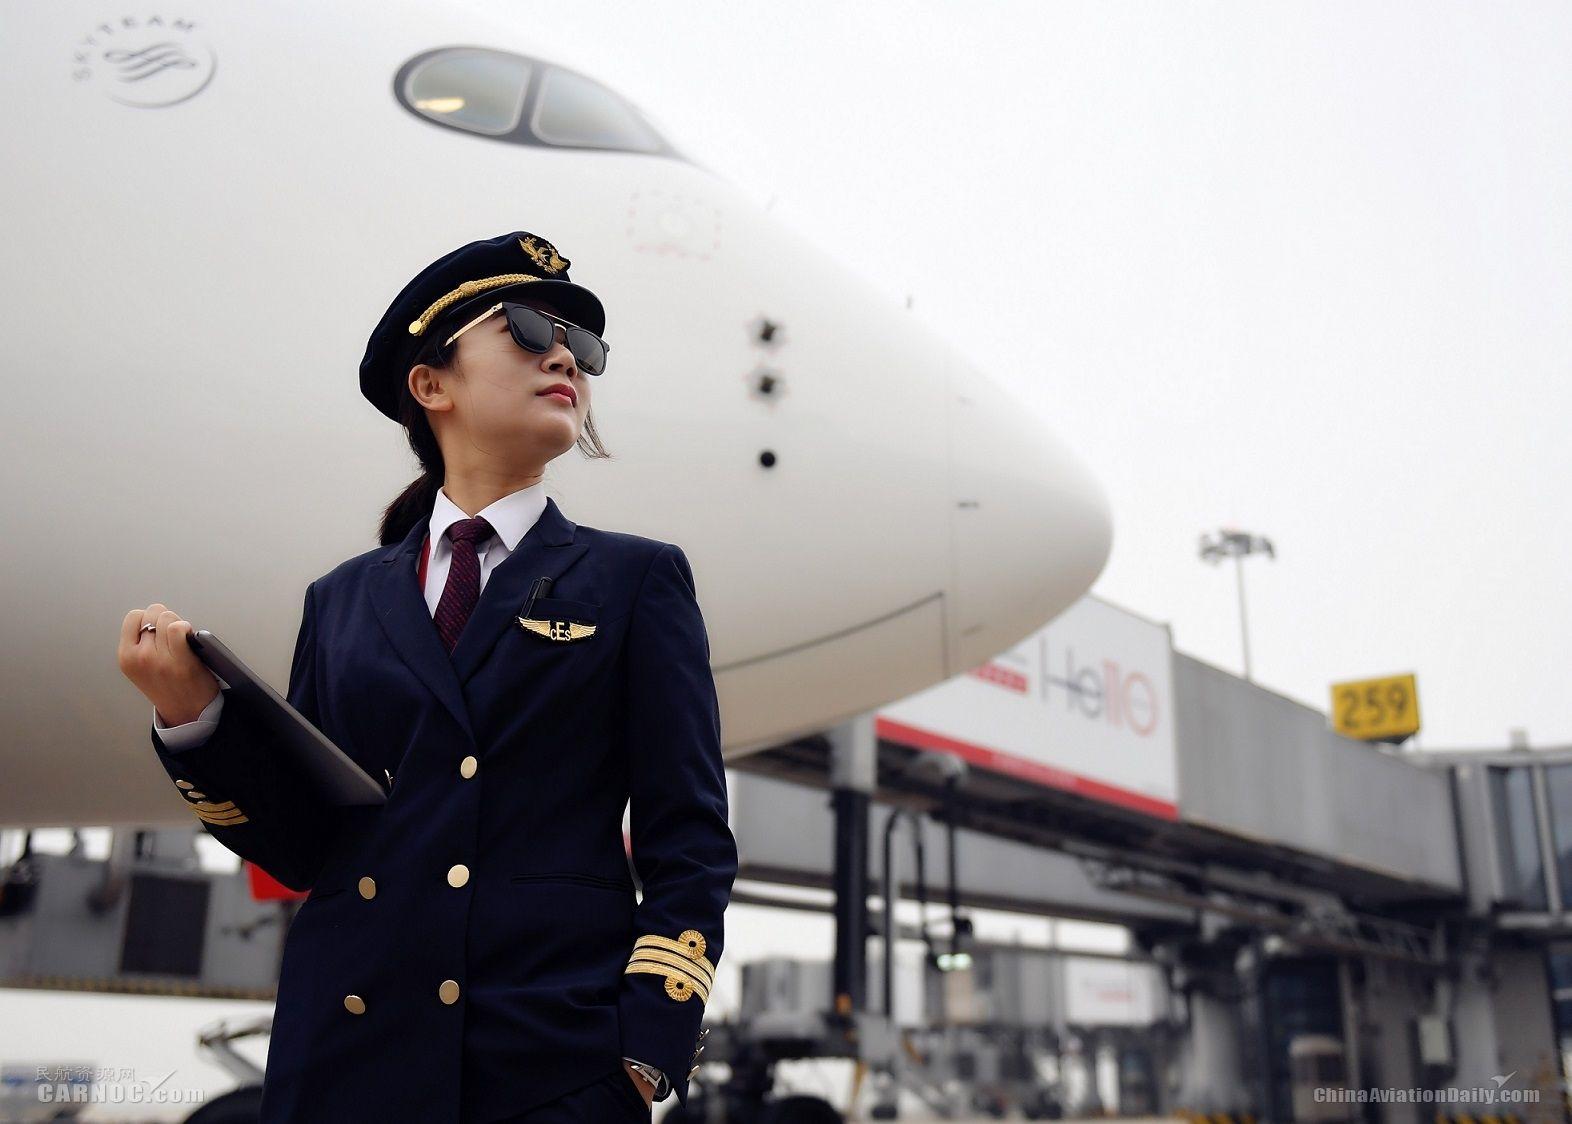 东航A350飞行员:从文科女到空客飞行员的华丽转变